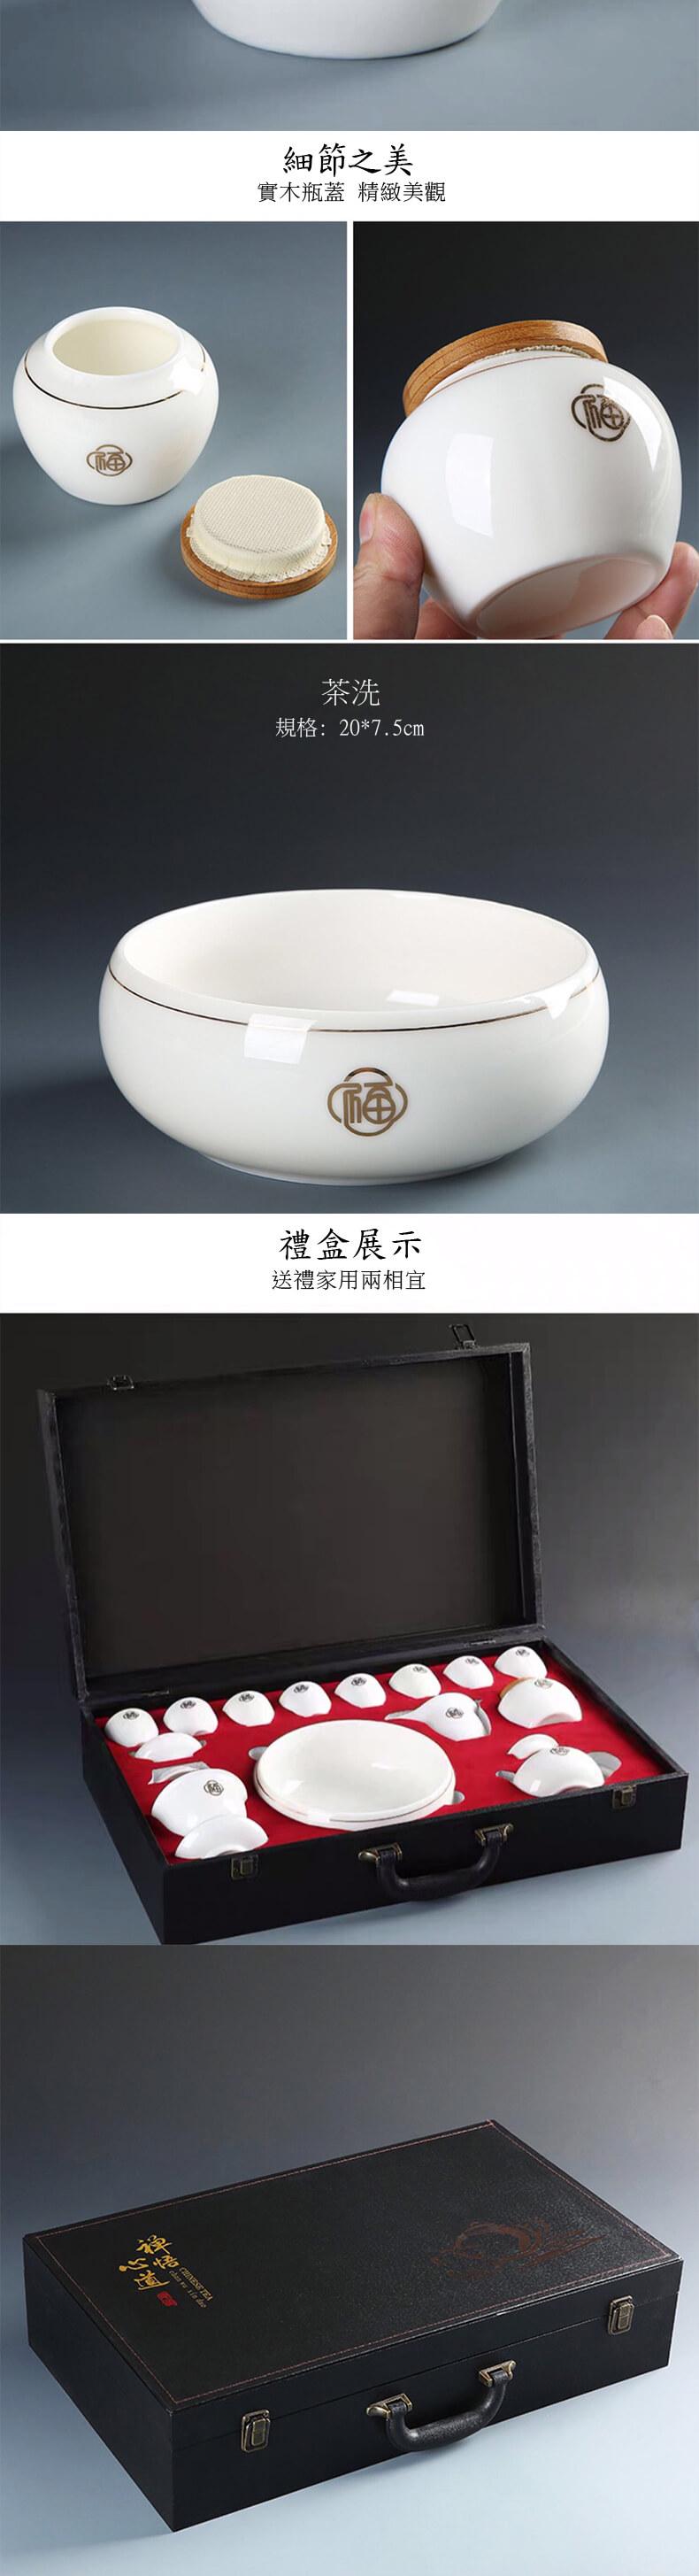 簡約白瓷茶具套裝_06.jpg